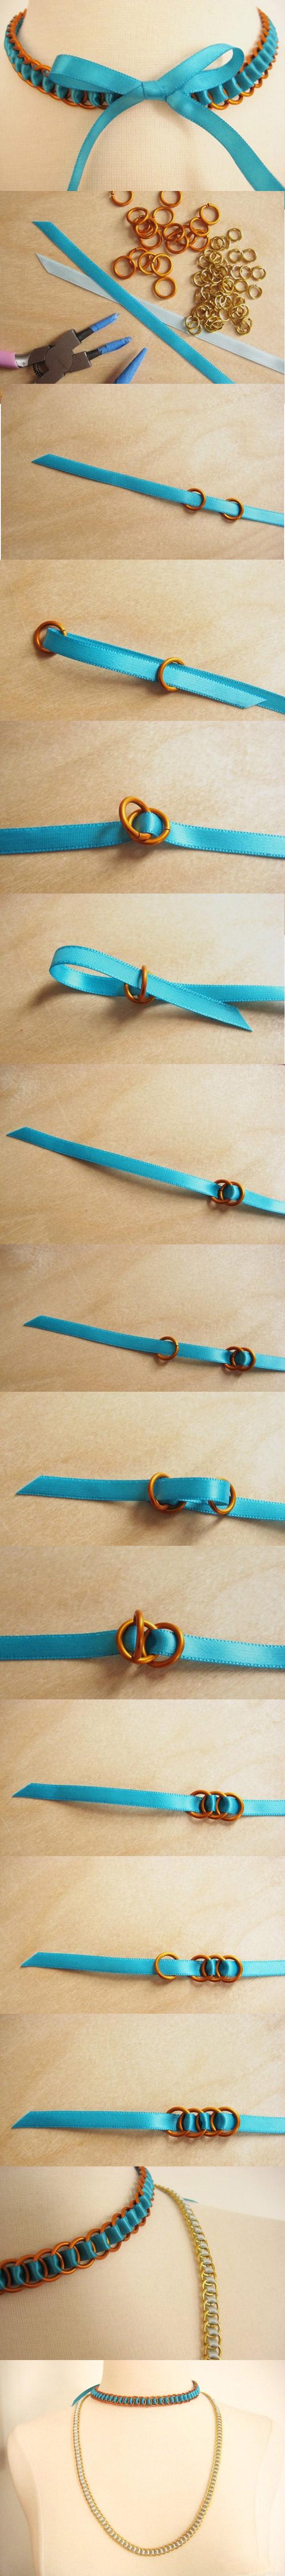 DIY Fashion 15 Amazing Necklace (11)